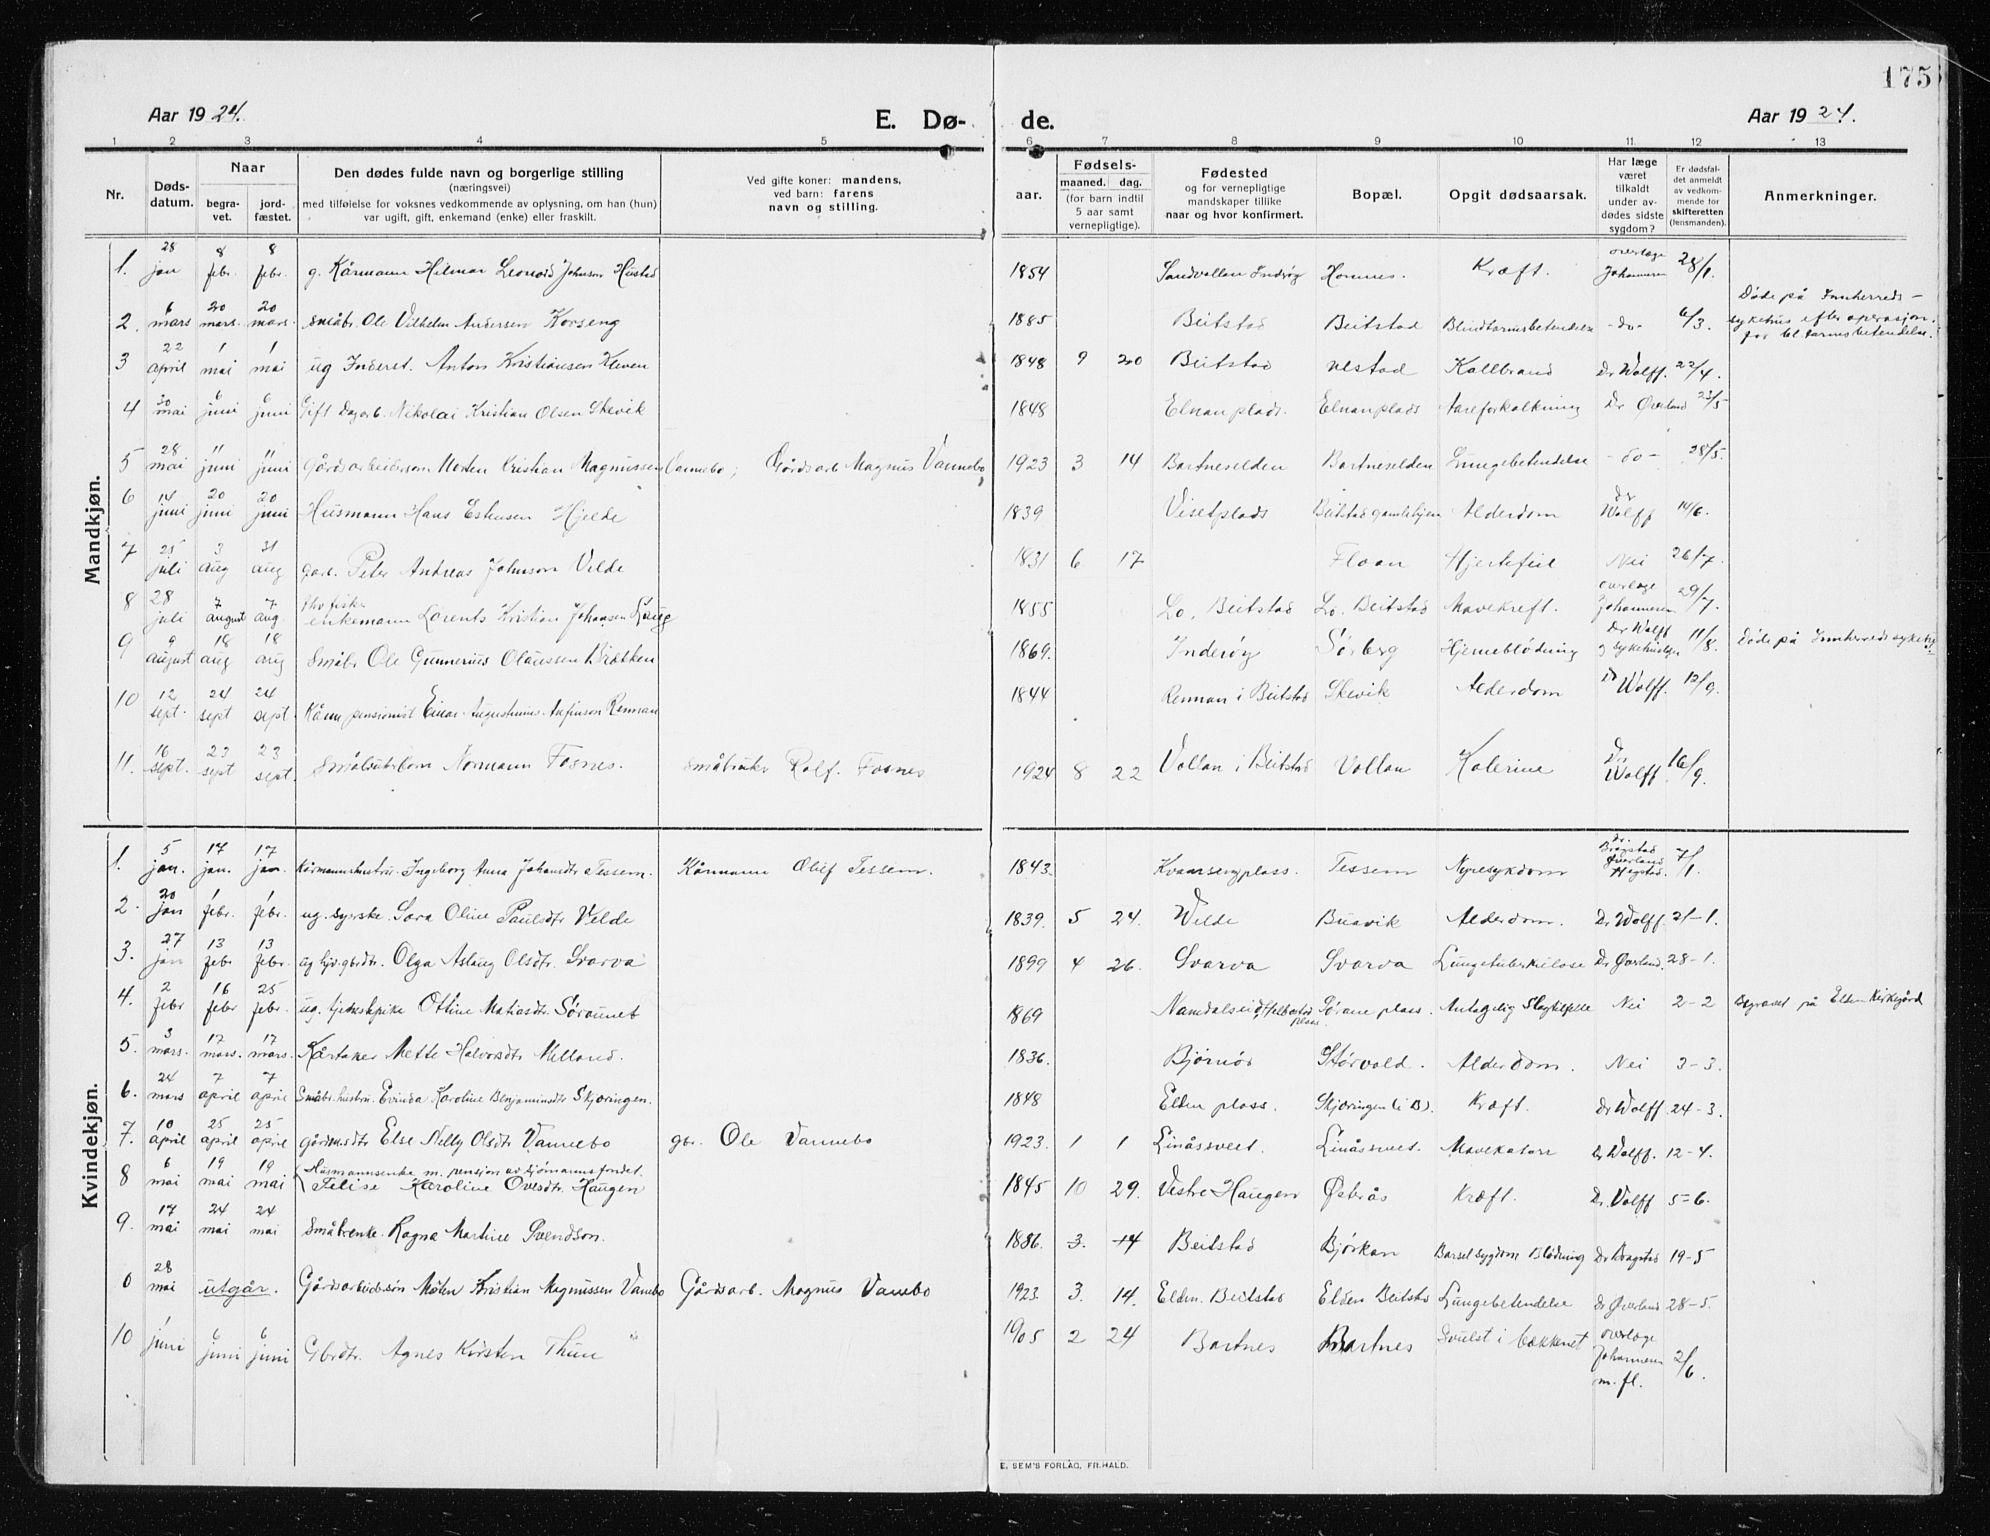 SAT, Ministerialprotokoller, klokkerbøker og fødselsregistre - Nord-Trøndelag, 741/L0402: Klokkerbok nr. 741C03, 1911-1926, s. 175